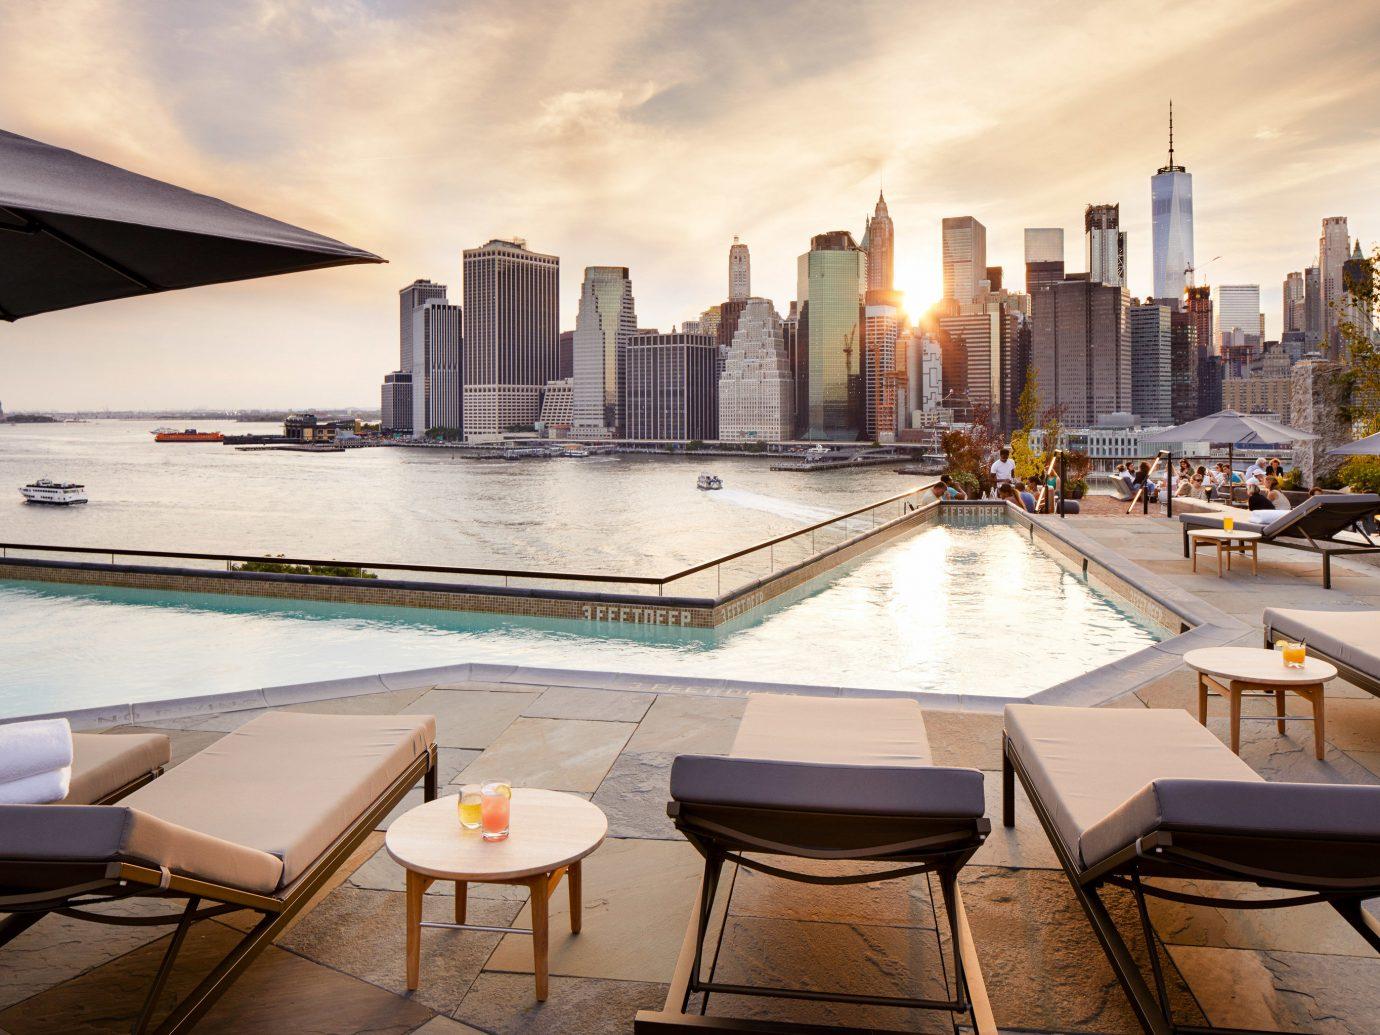 1 Rooftop Garden & Bar, Dumbo Brooklyn